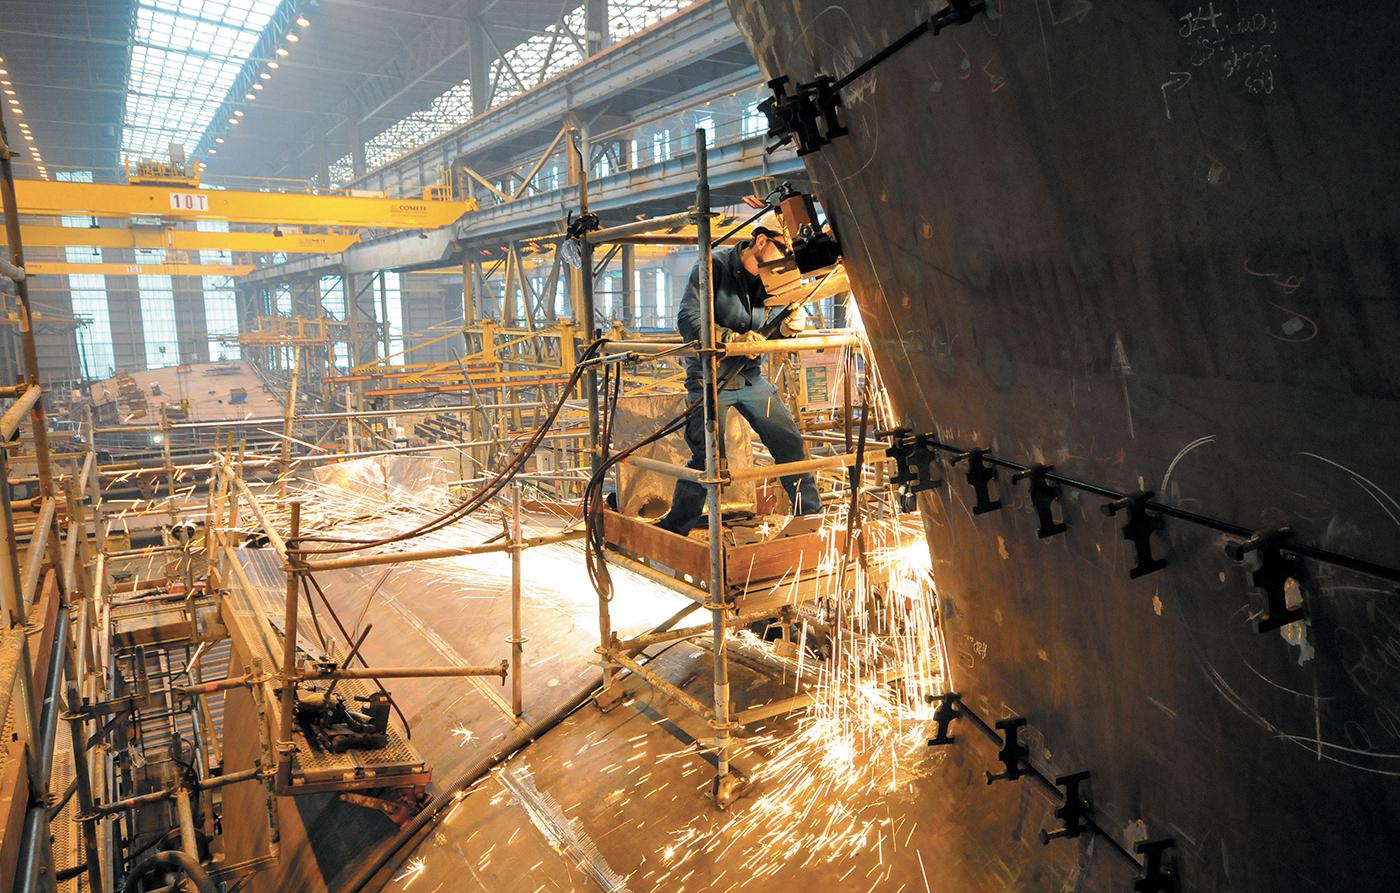 stx Saint-Nazaire paquebots chantiers de l'atlantique